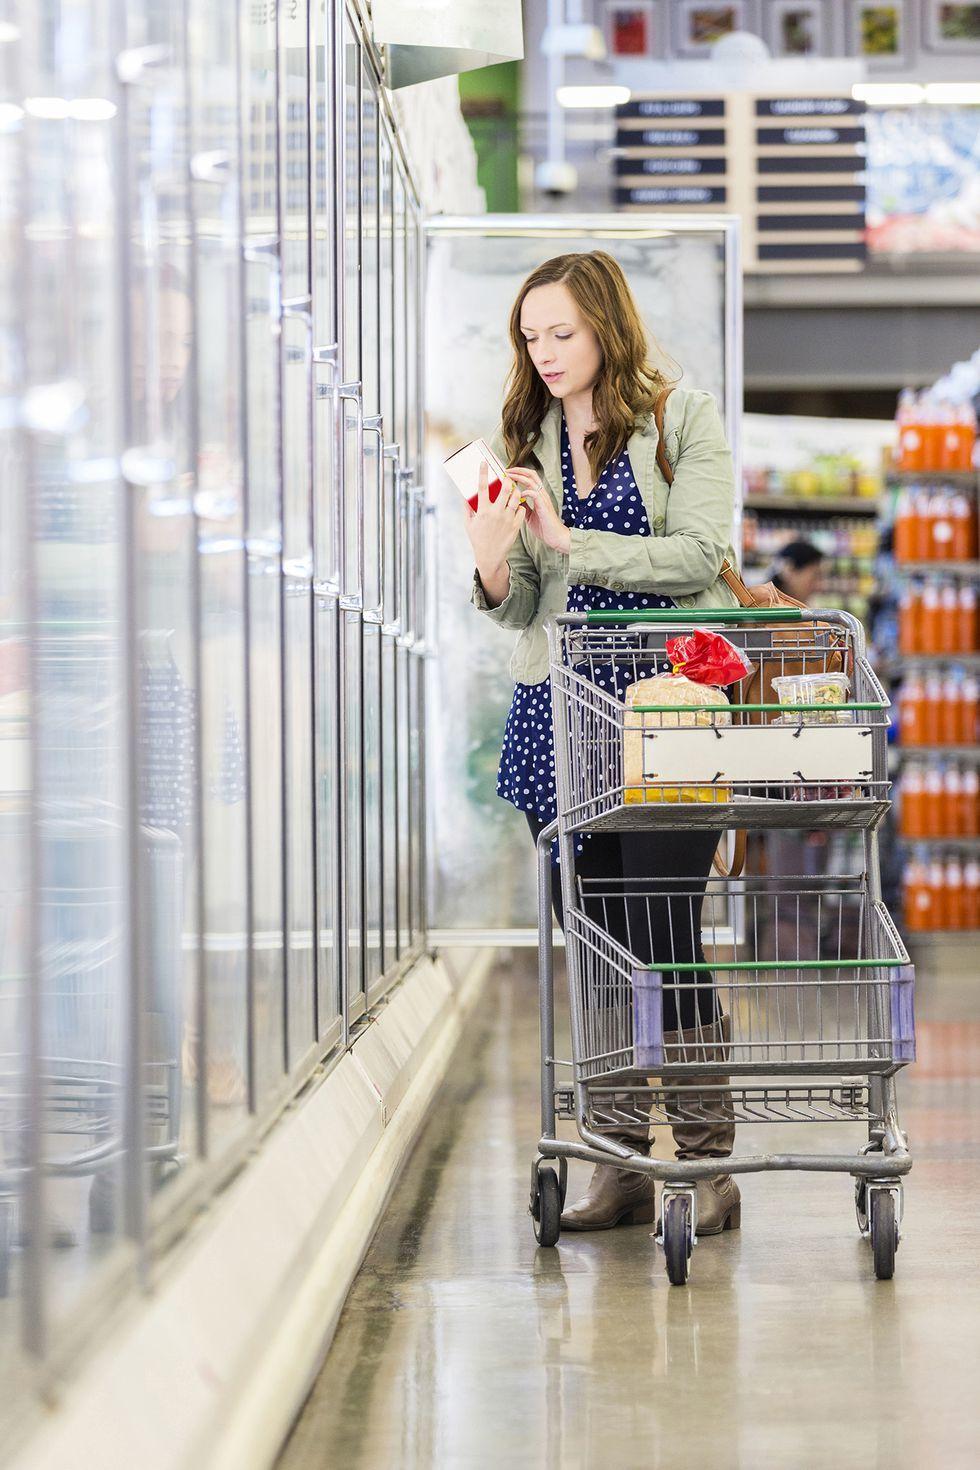 11 bí quyết giữ dáng của những người không bao giờ ăn kiêng